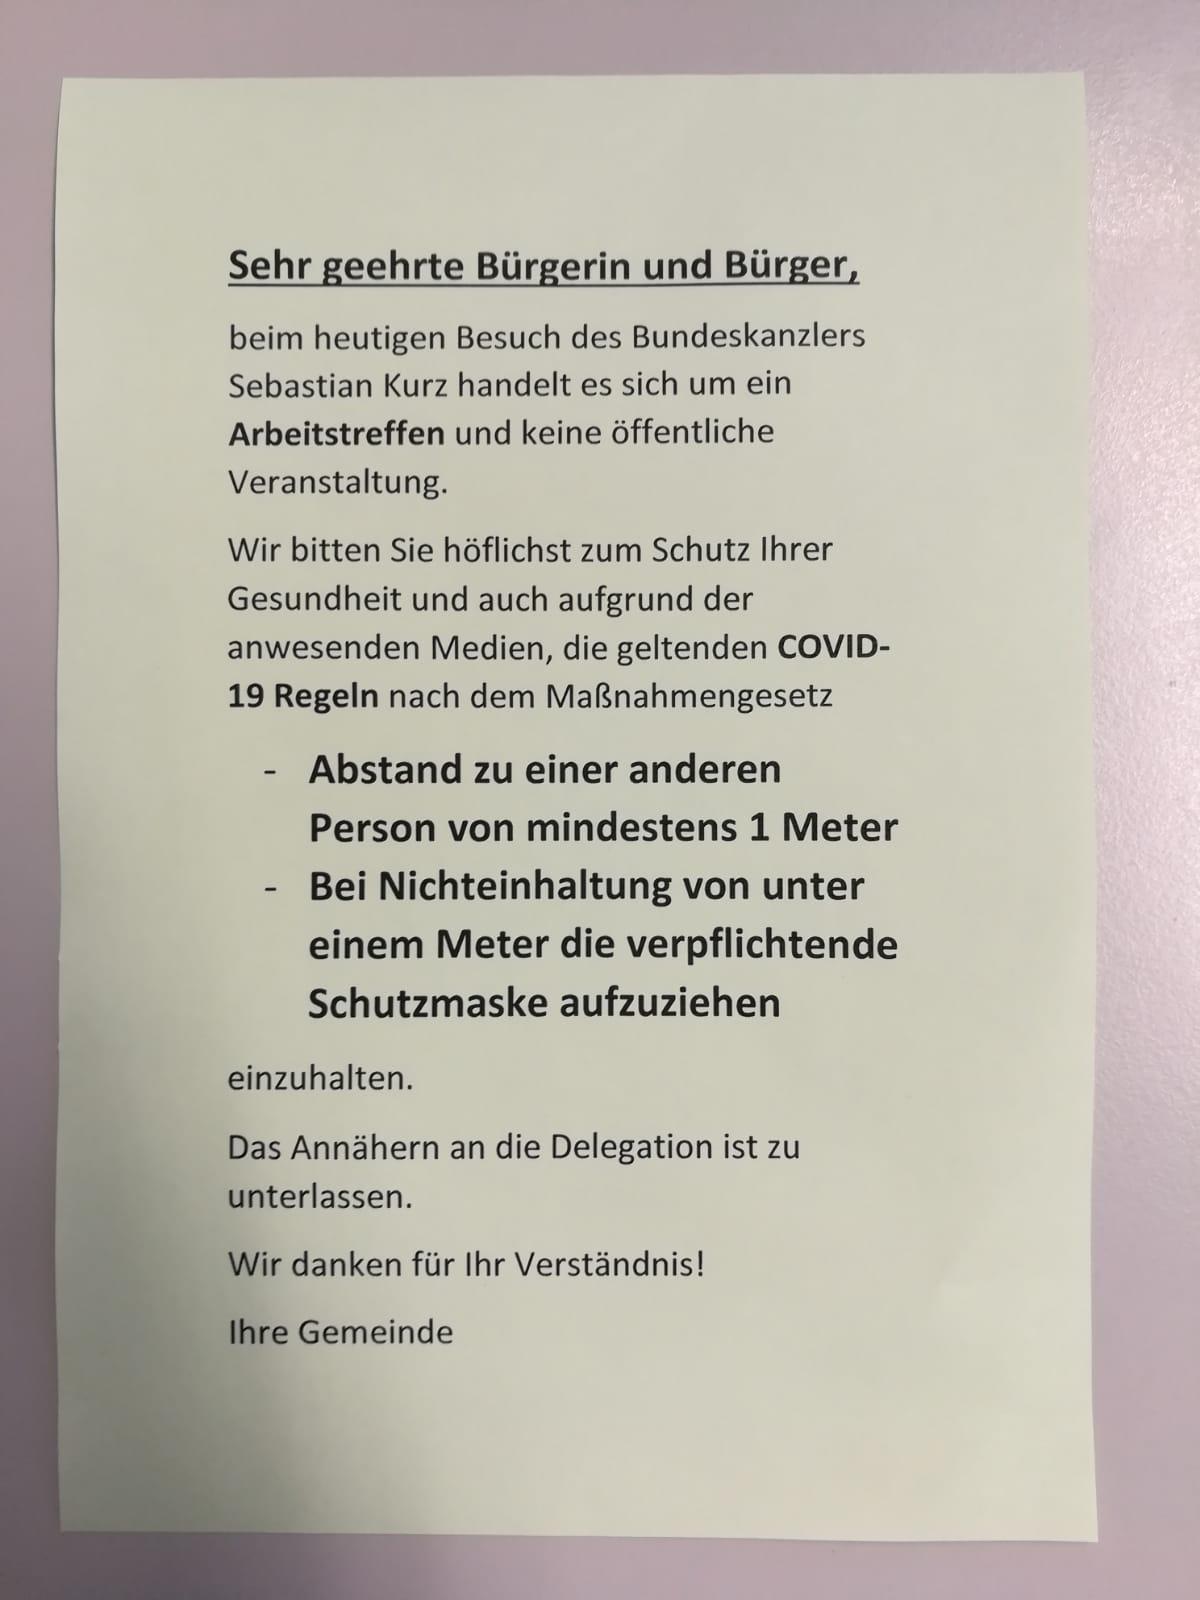 Tdliches Lawinenunglck im Kleinwalsertal - Mittelberg